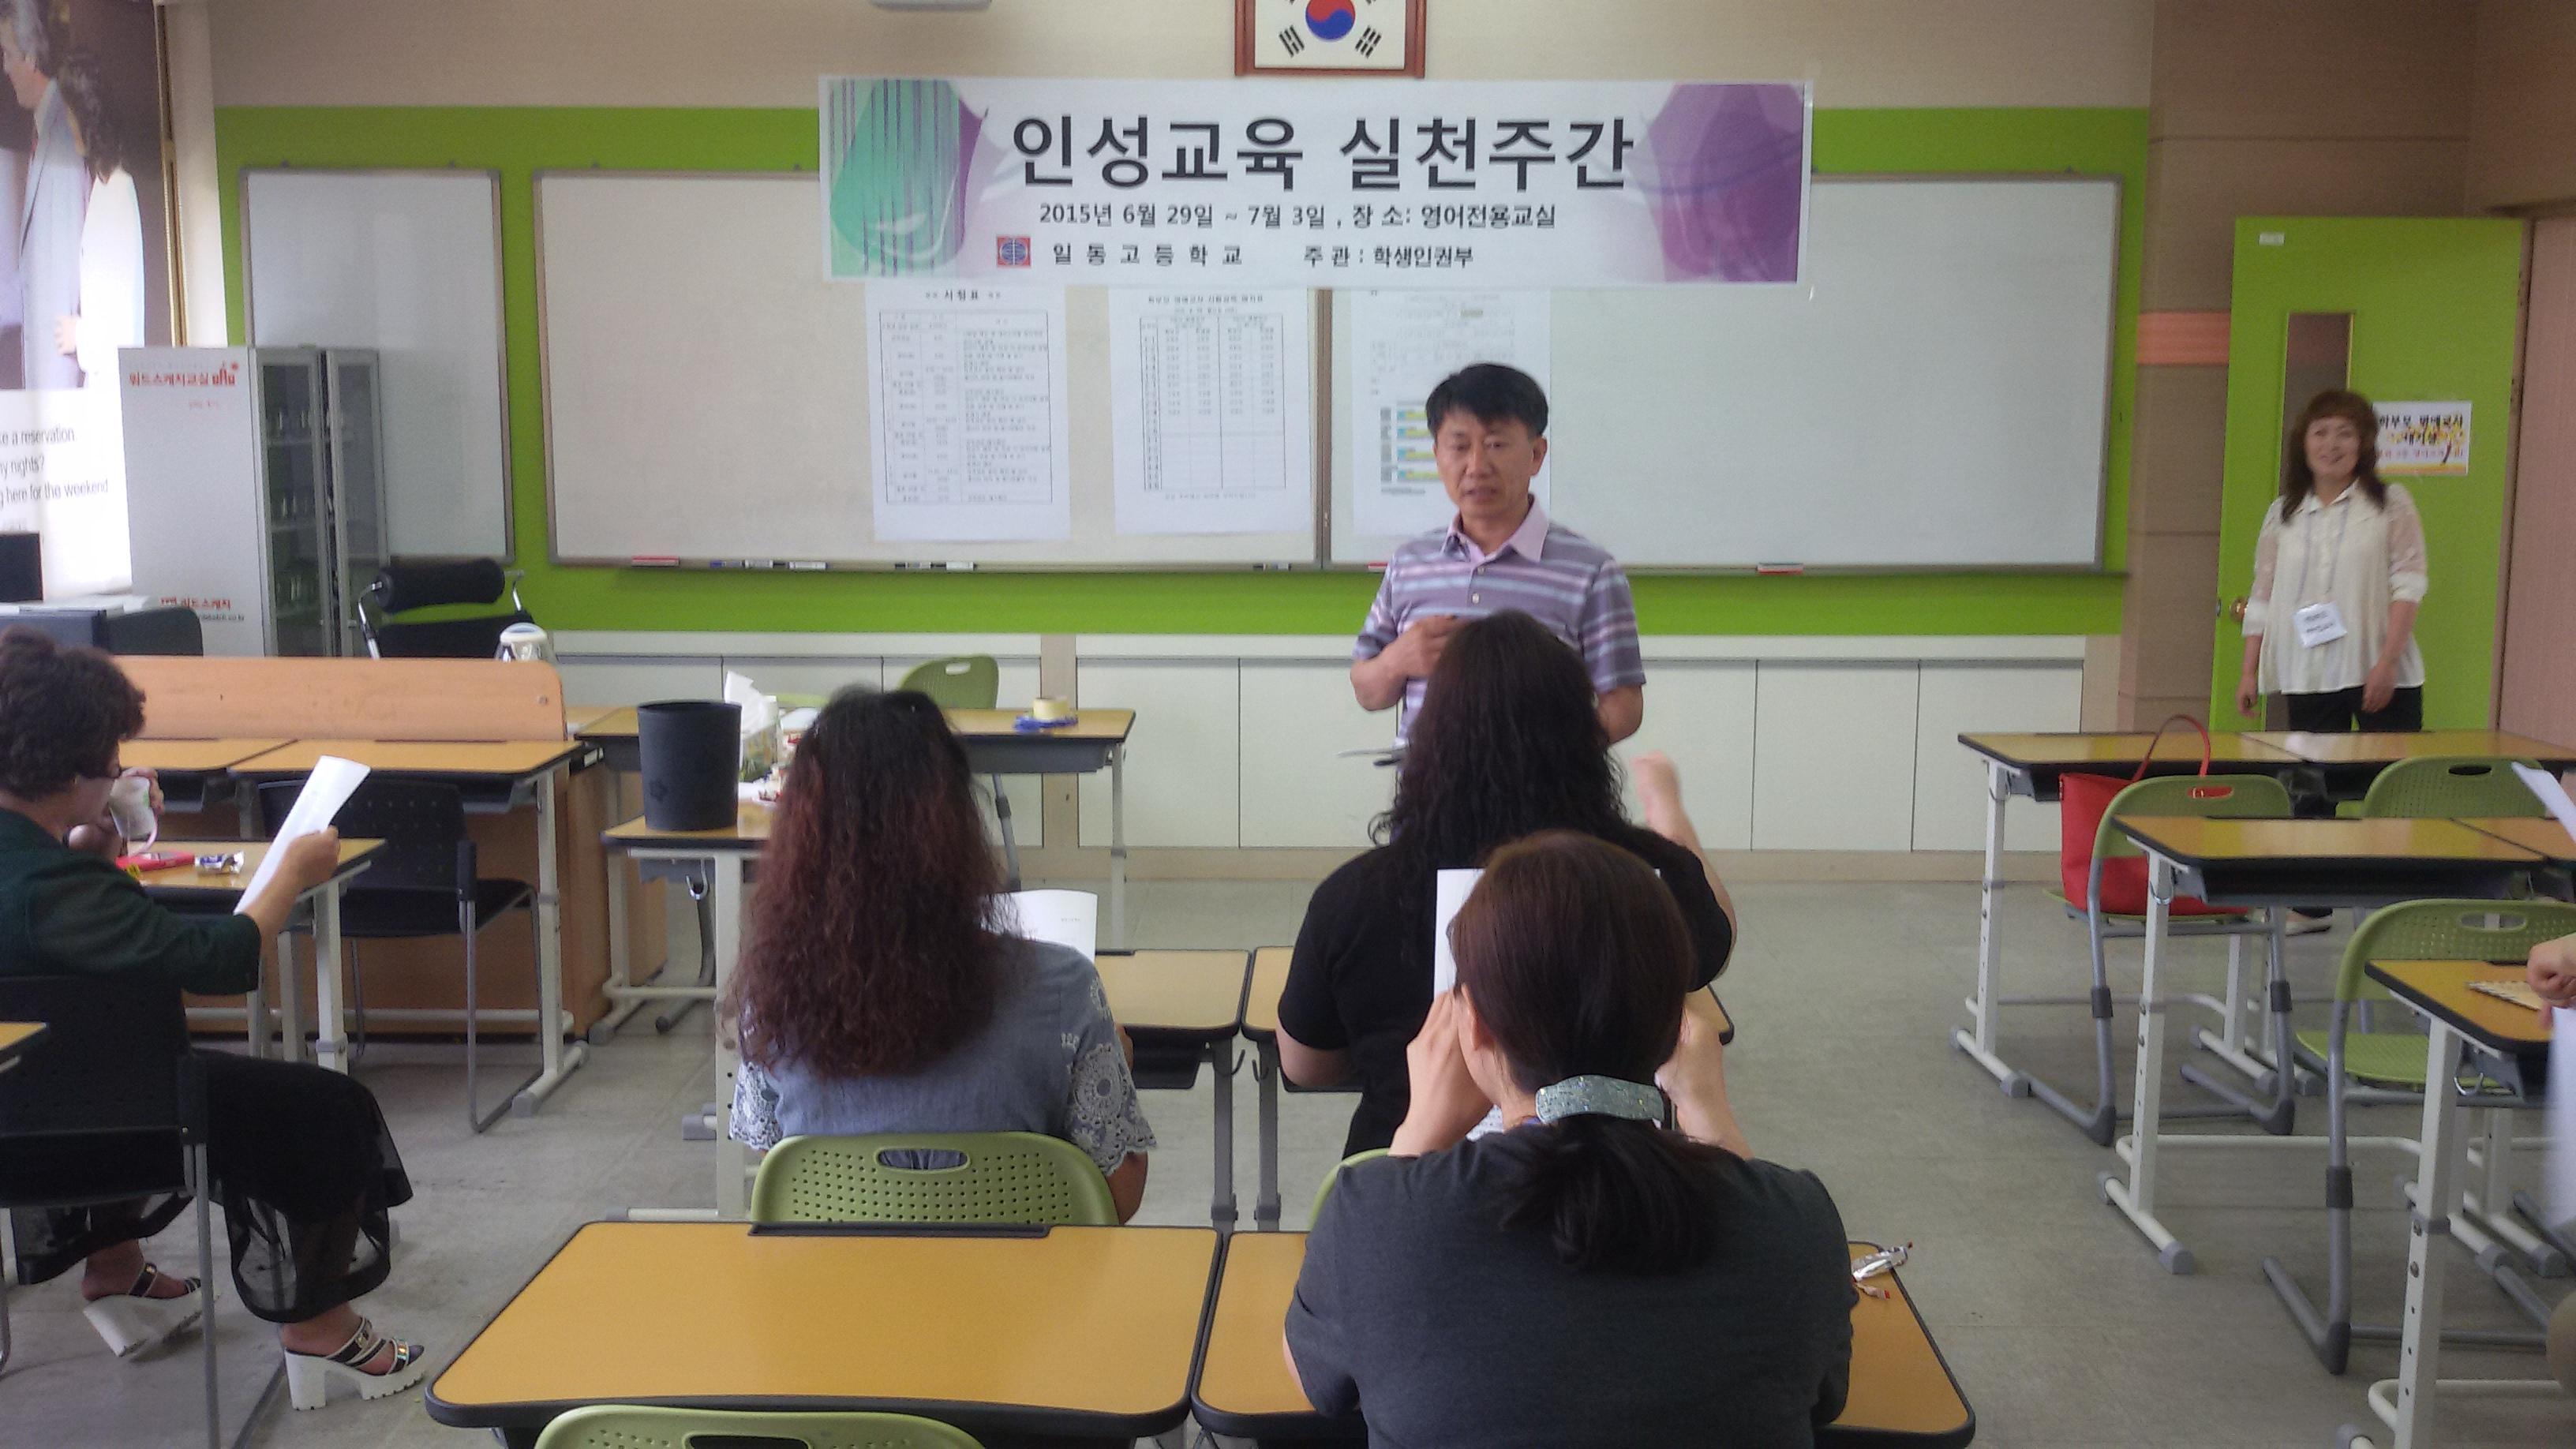 [일반] 인성교육 실천주간(6월29일~7월3일)운영의 첨부이미지 1